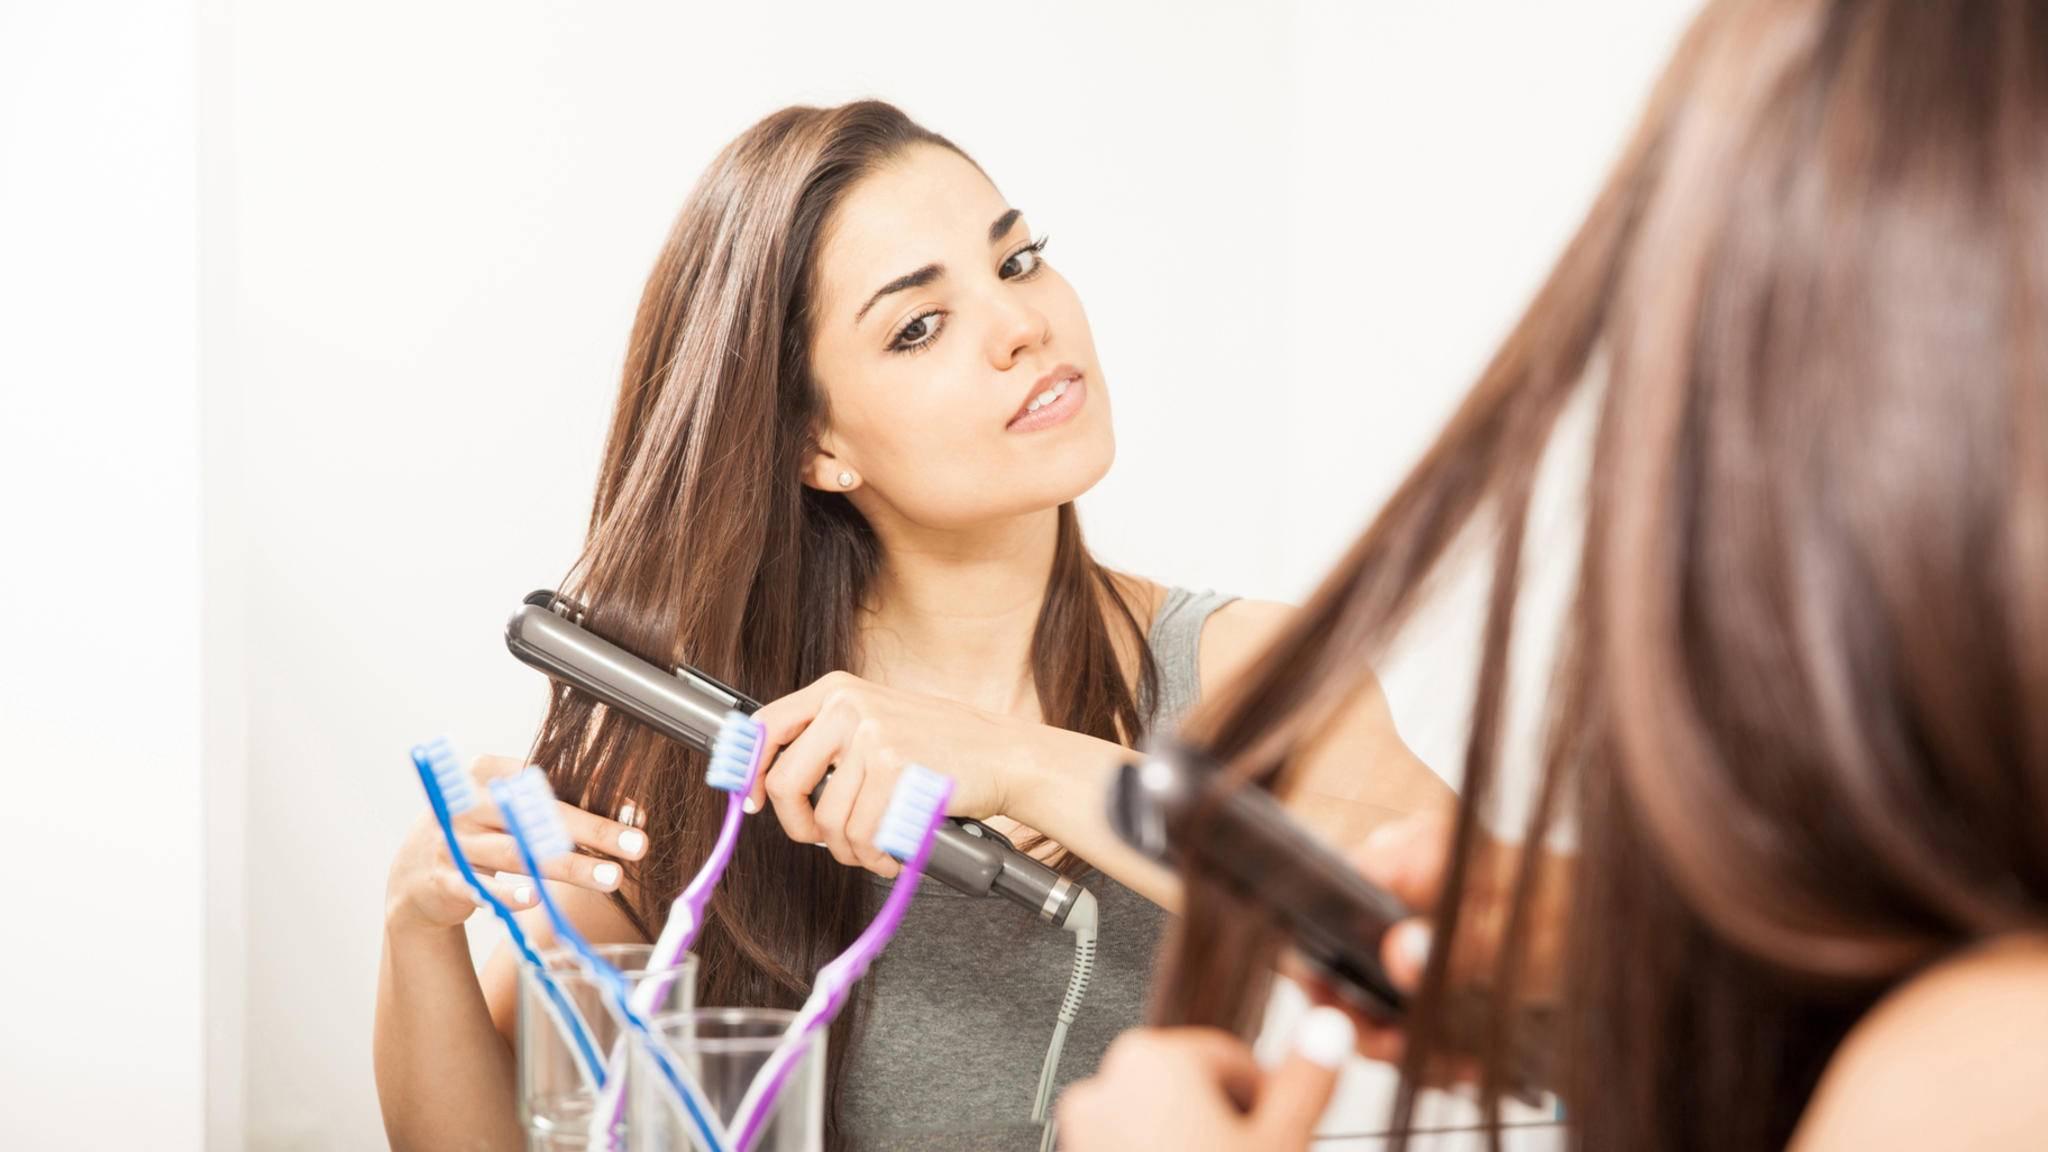 Das Glätteisen macht nicht nur die Haare schön.